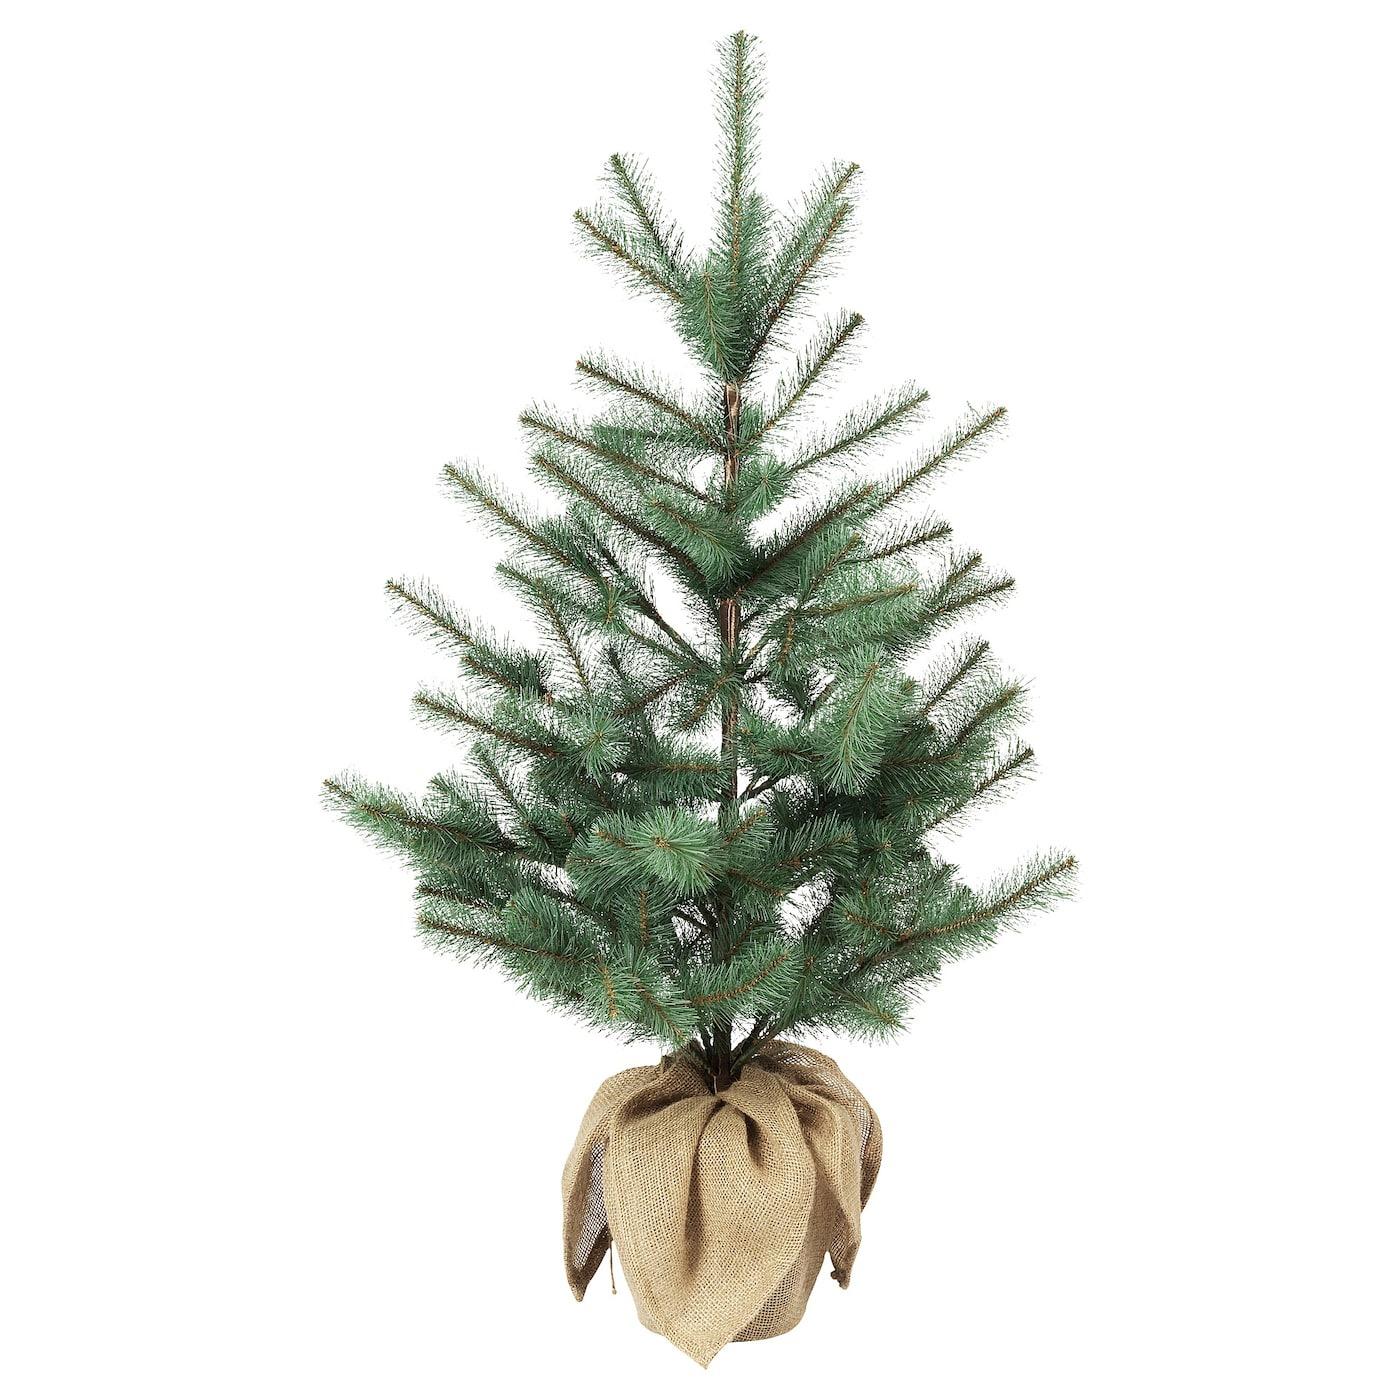 VINTER 2020 Planta artificial, int/ext yute/árbol de navidad azul verdoso19 cm